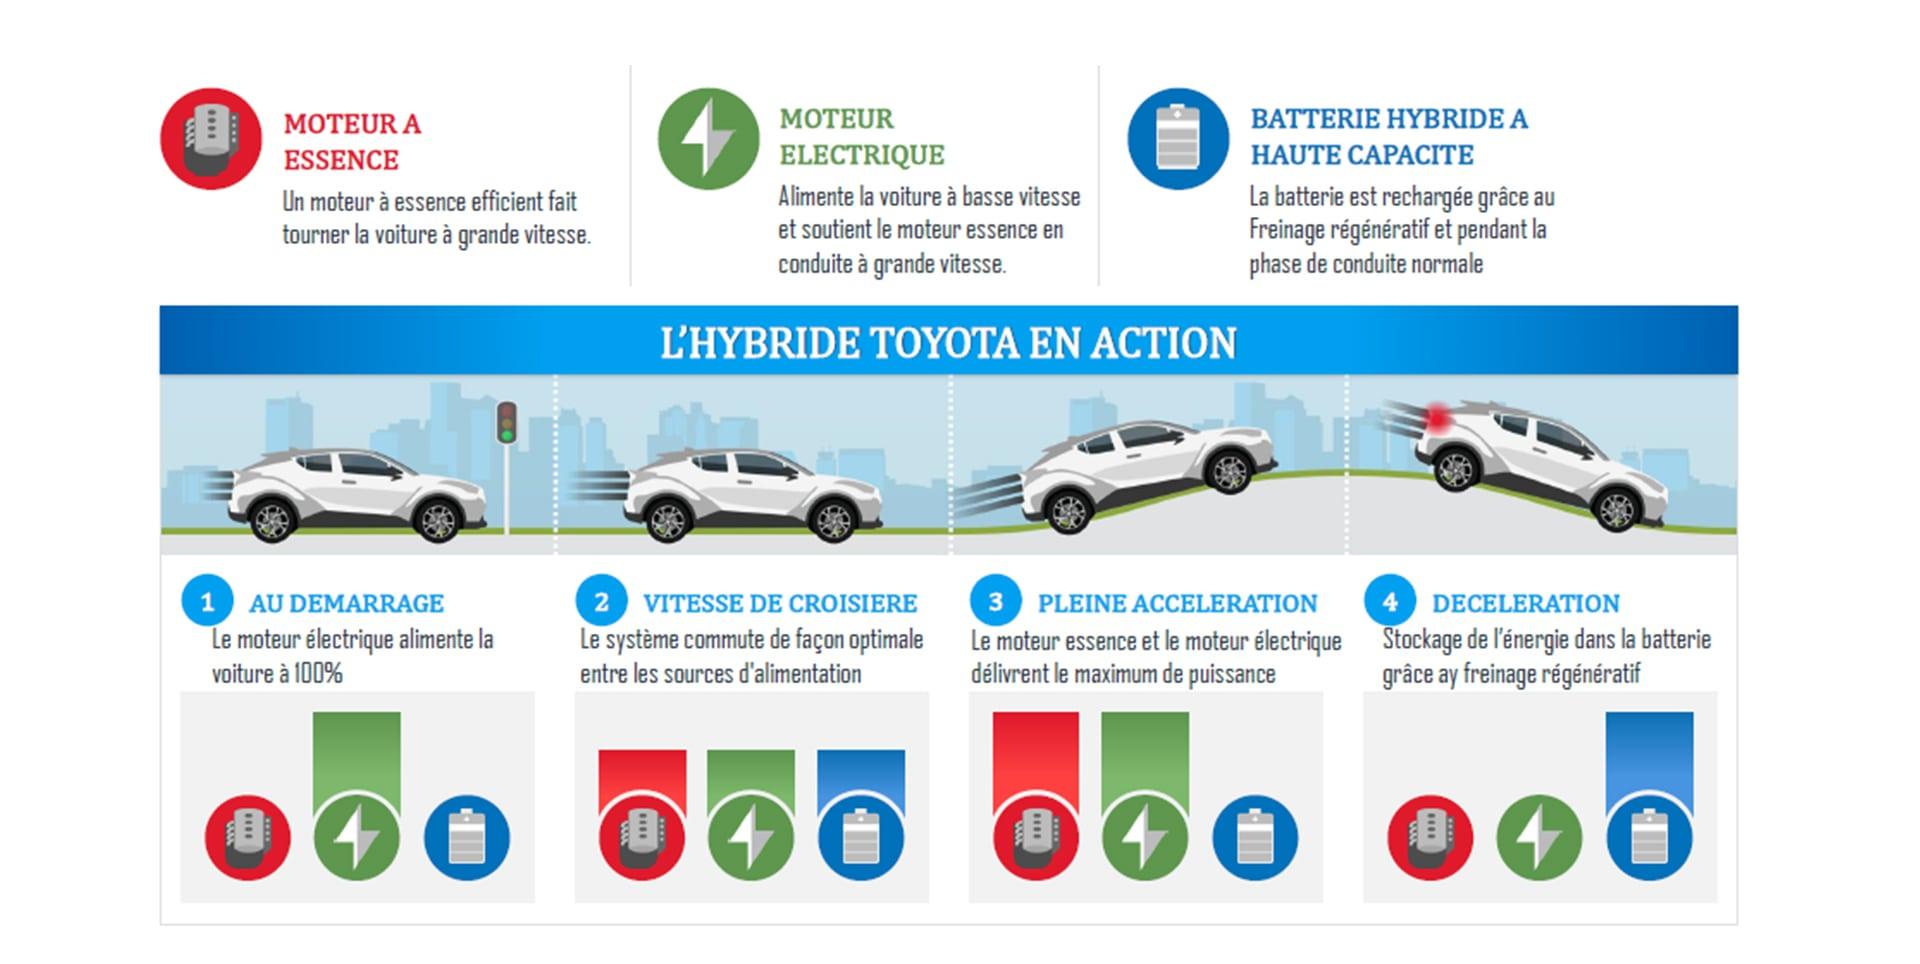 TOYOTA - Hybride